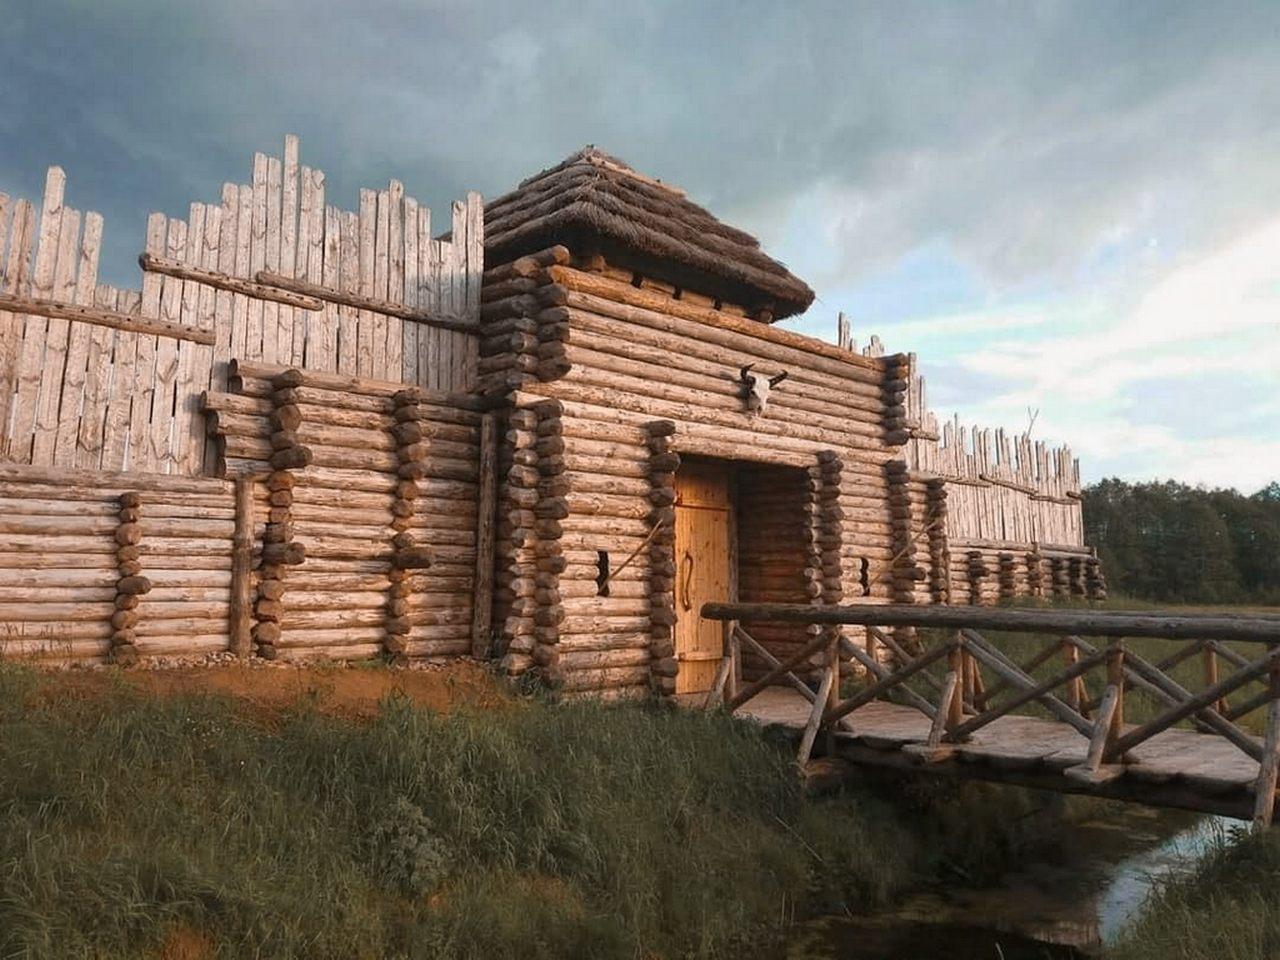 археологический музей беловежская пуща